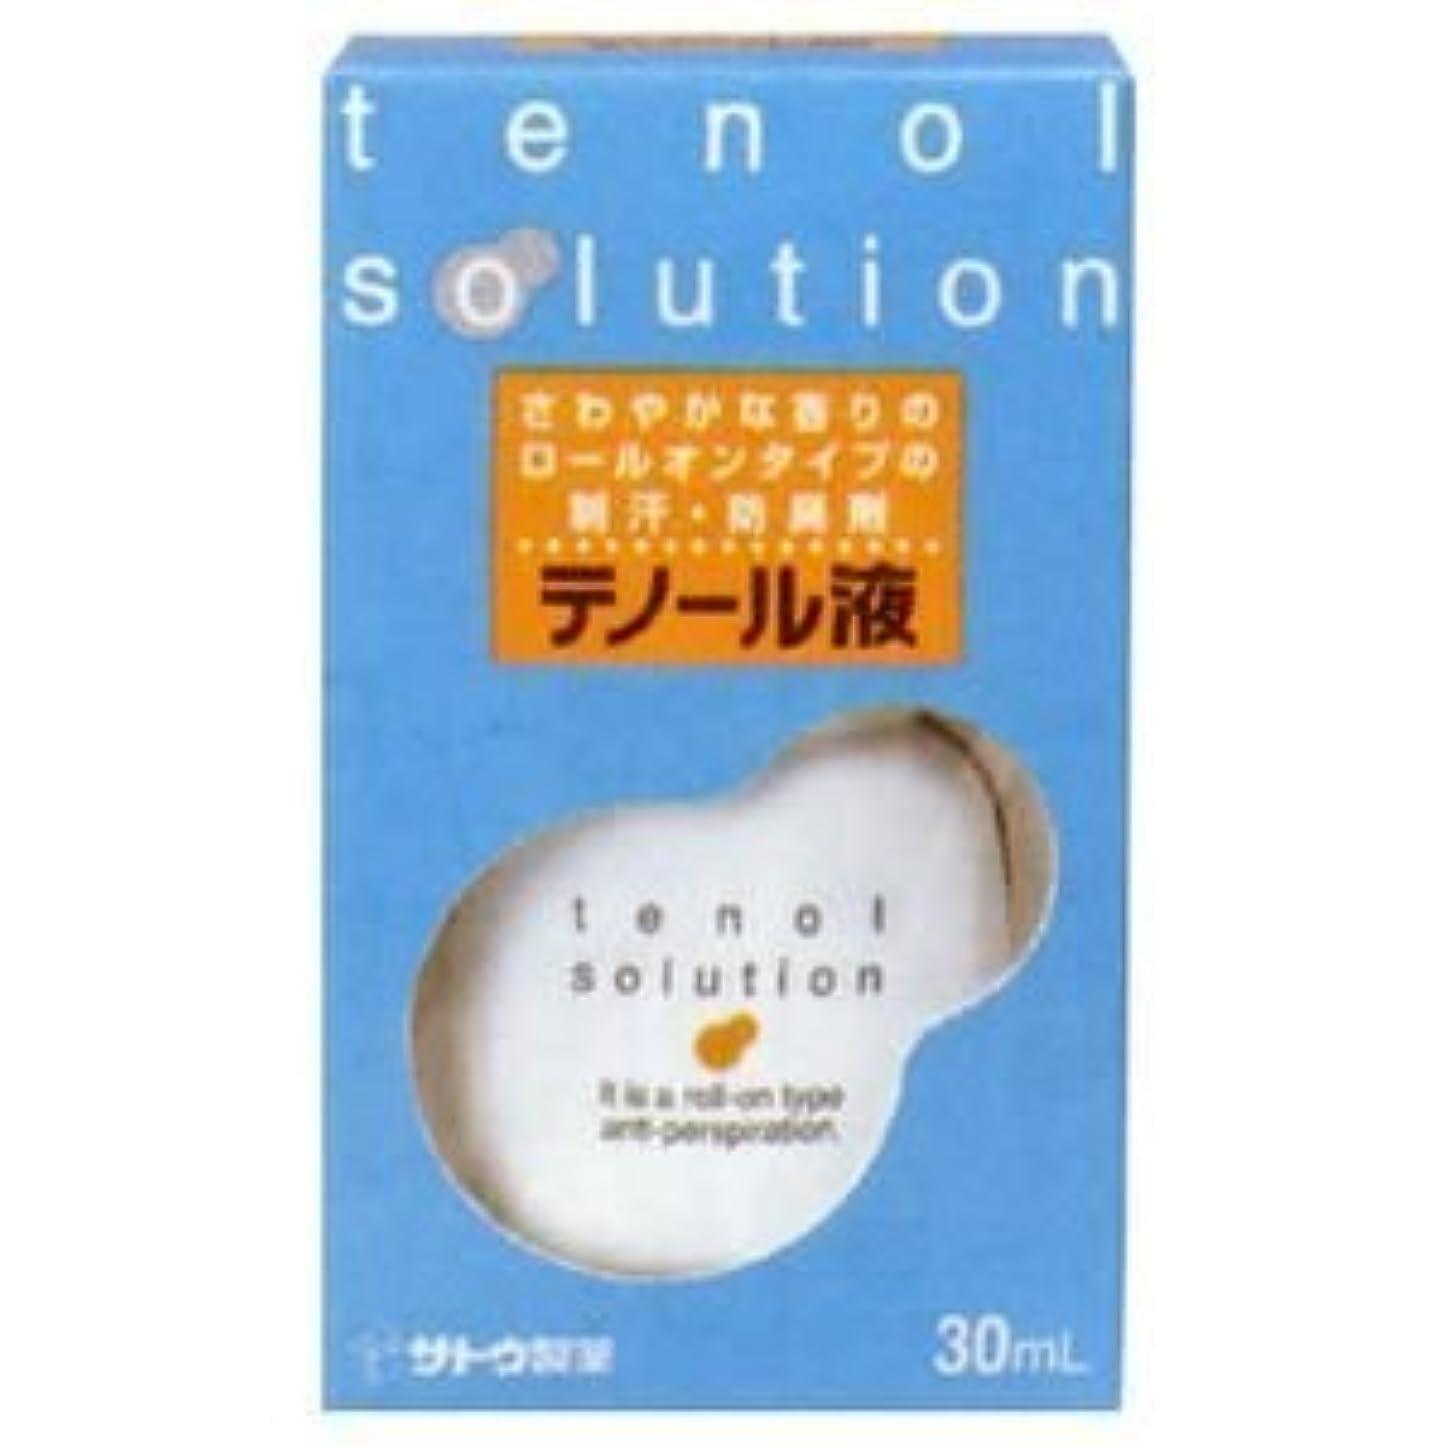 バンガロー最適ネット佐藤製薬 テノール液(30ml)×2